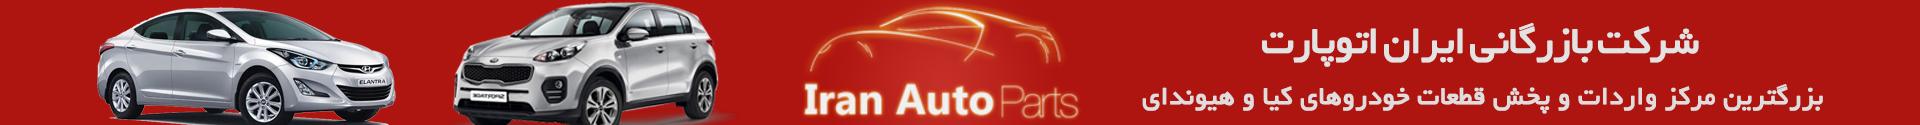 header_autoparts